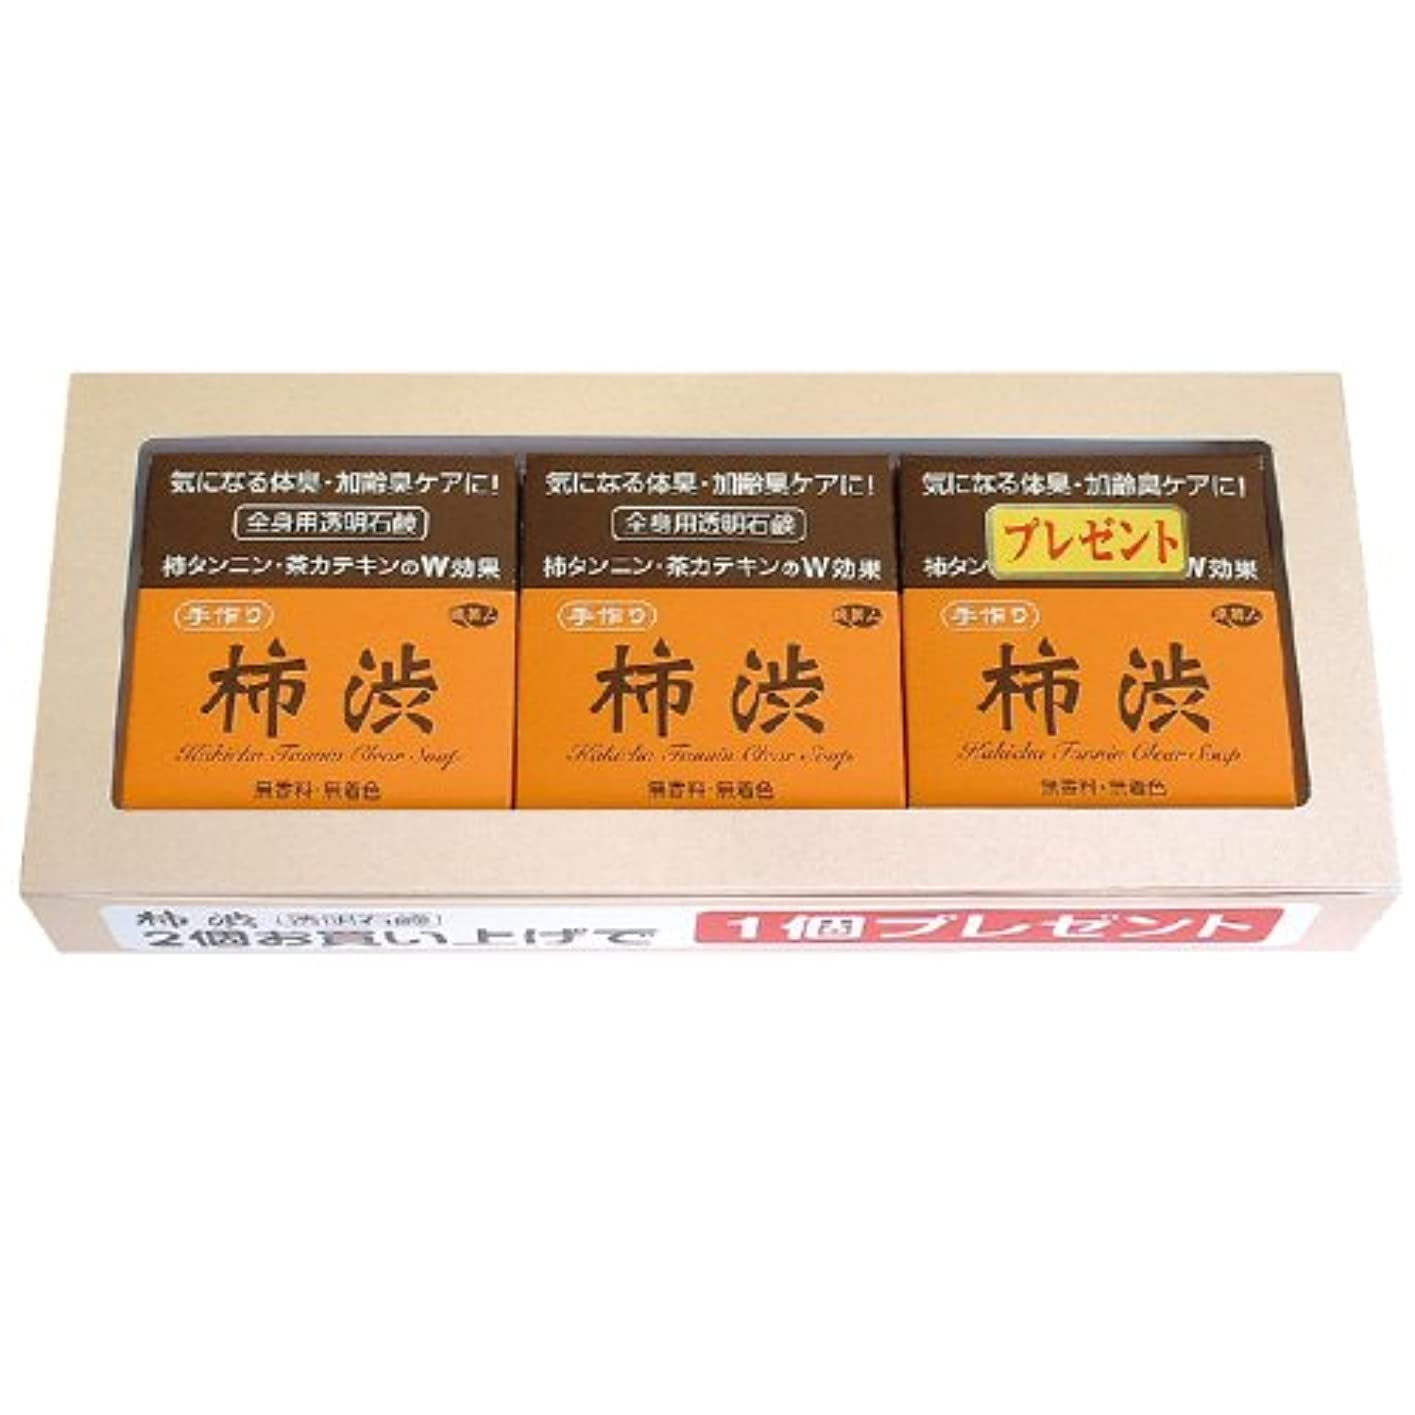 ハンマー散歩酔ったアズマ商事の 柿渋透明石鹸 2個の値段で3個入りセット